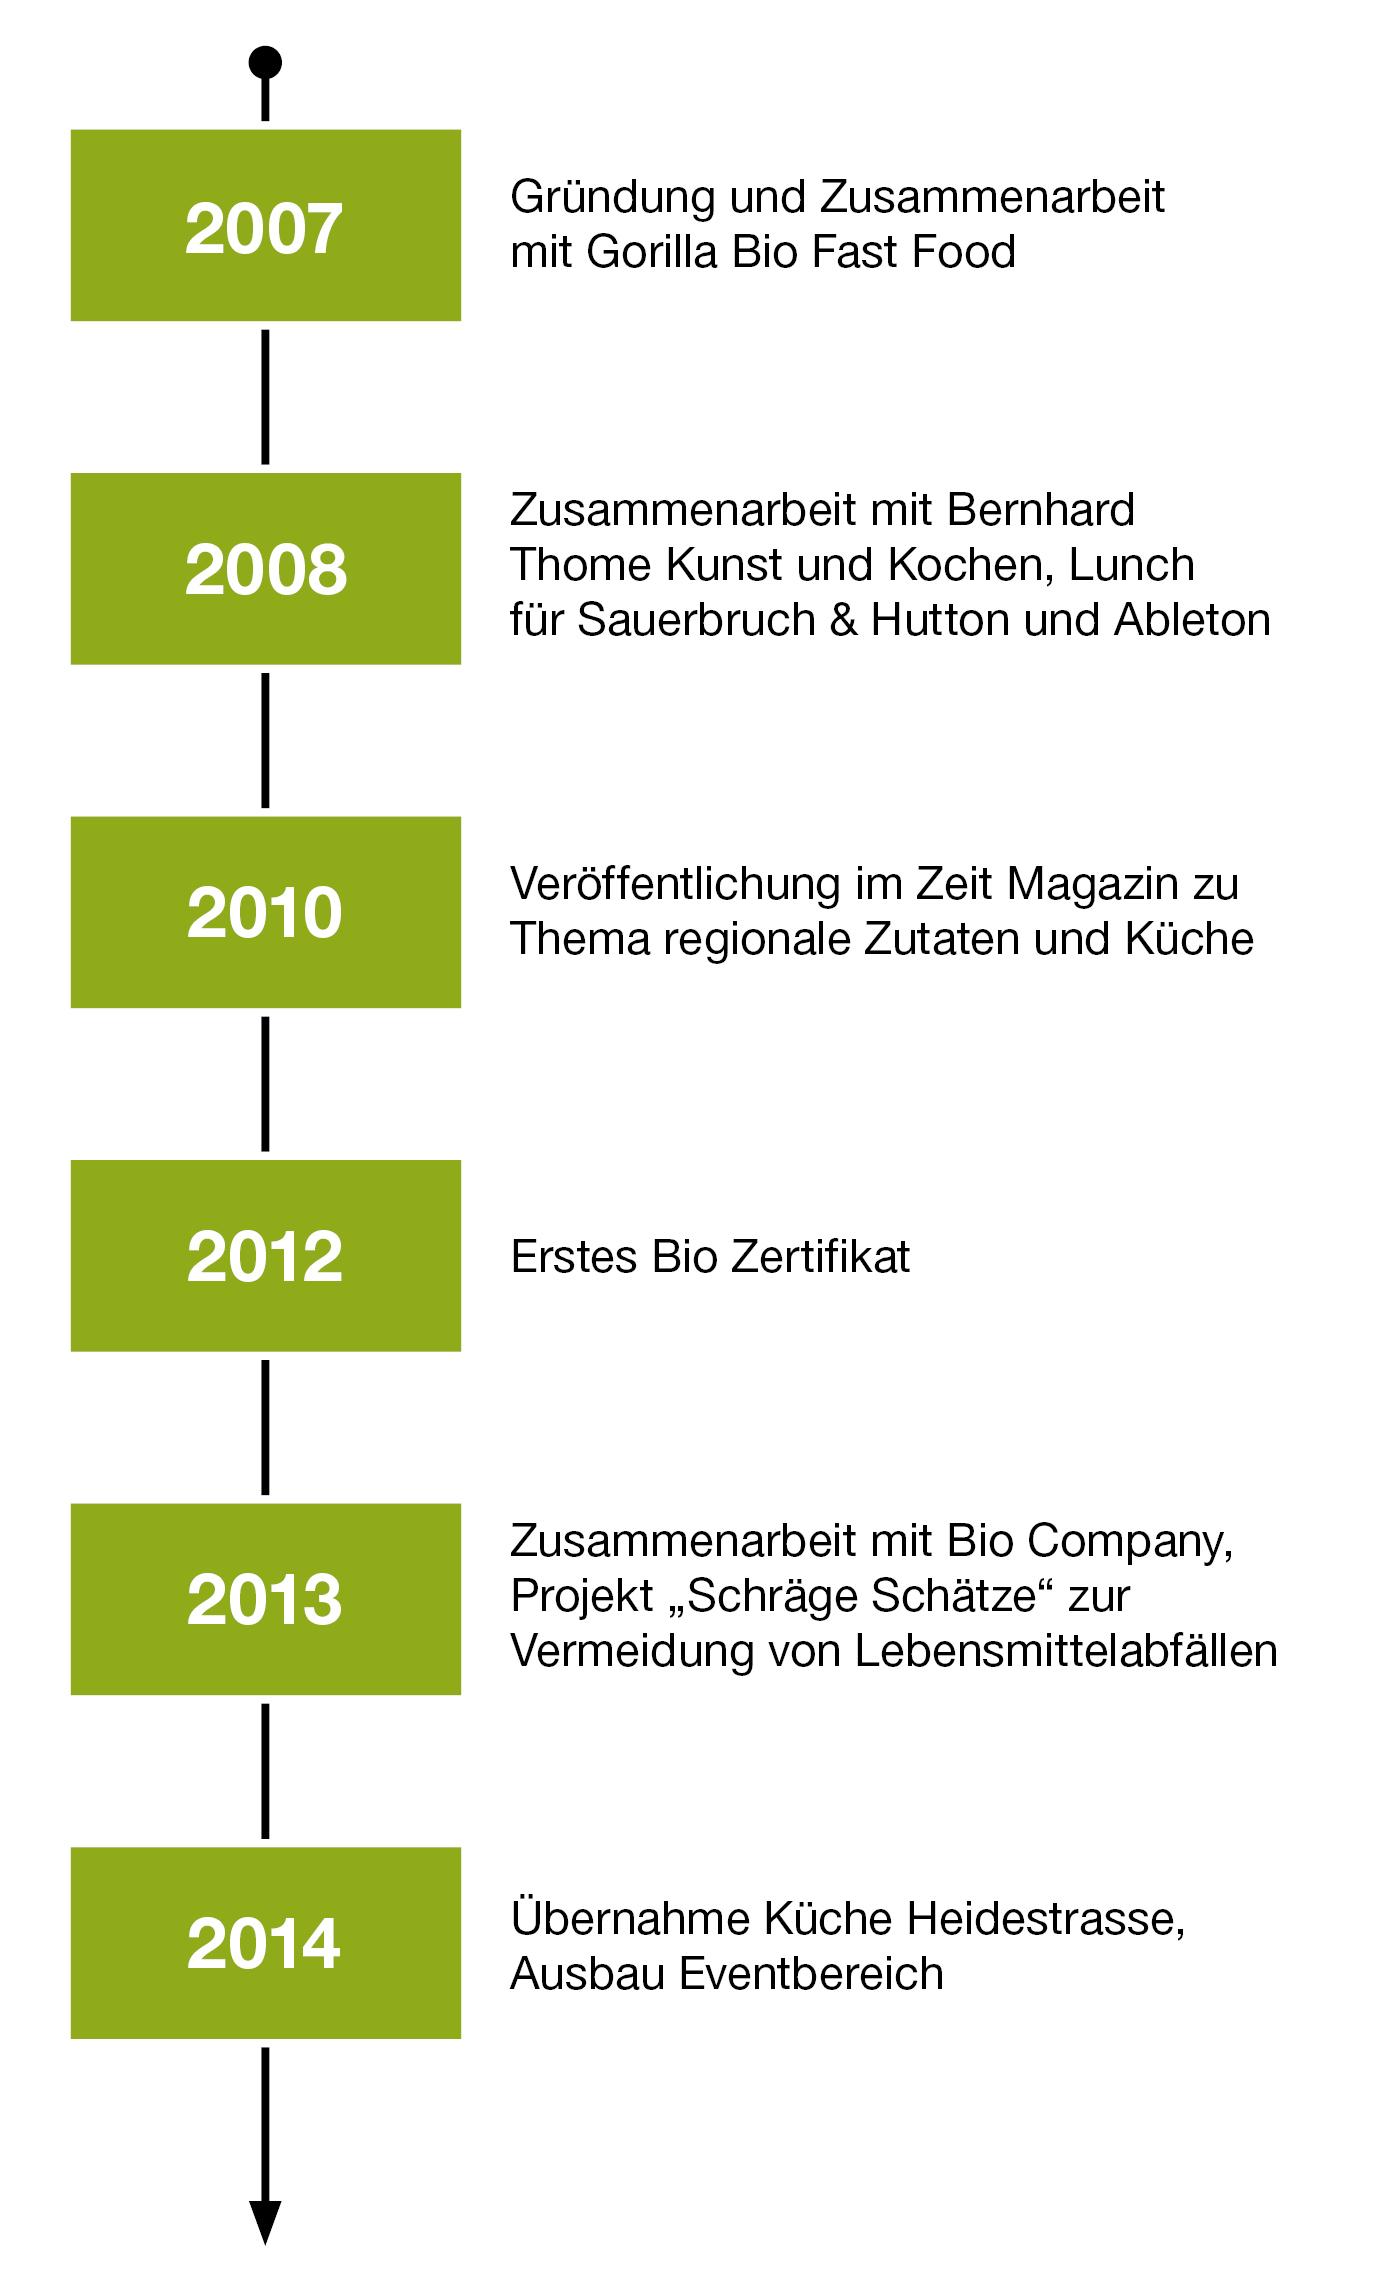 Unsere Historie 2007 bis 2014